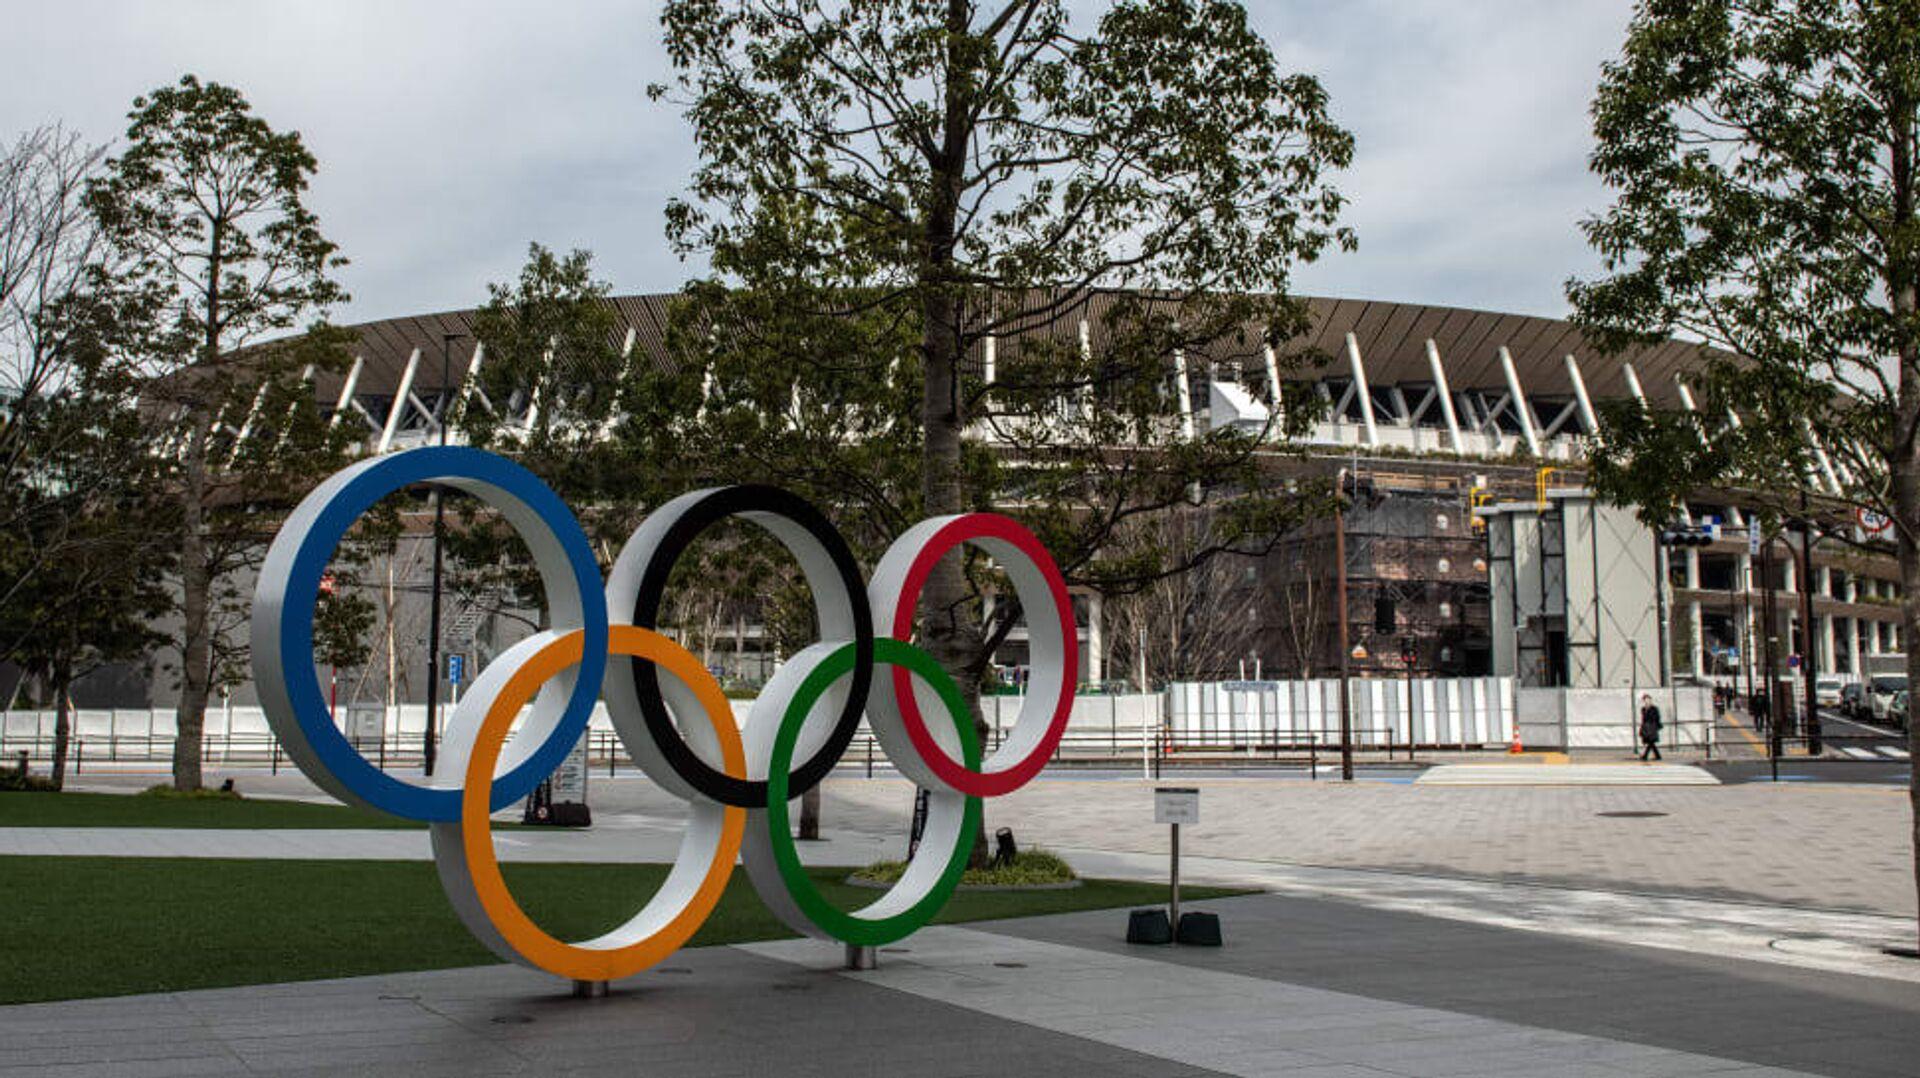 Олимпийские кольца у арены в Токио - РИА Новости, 1920, 24.12.2020